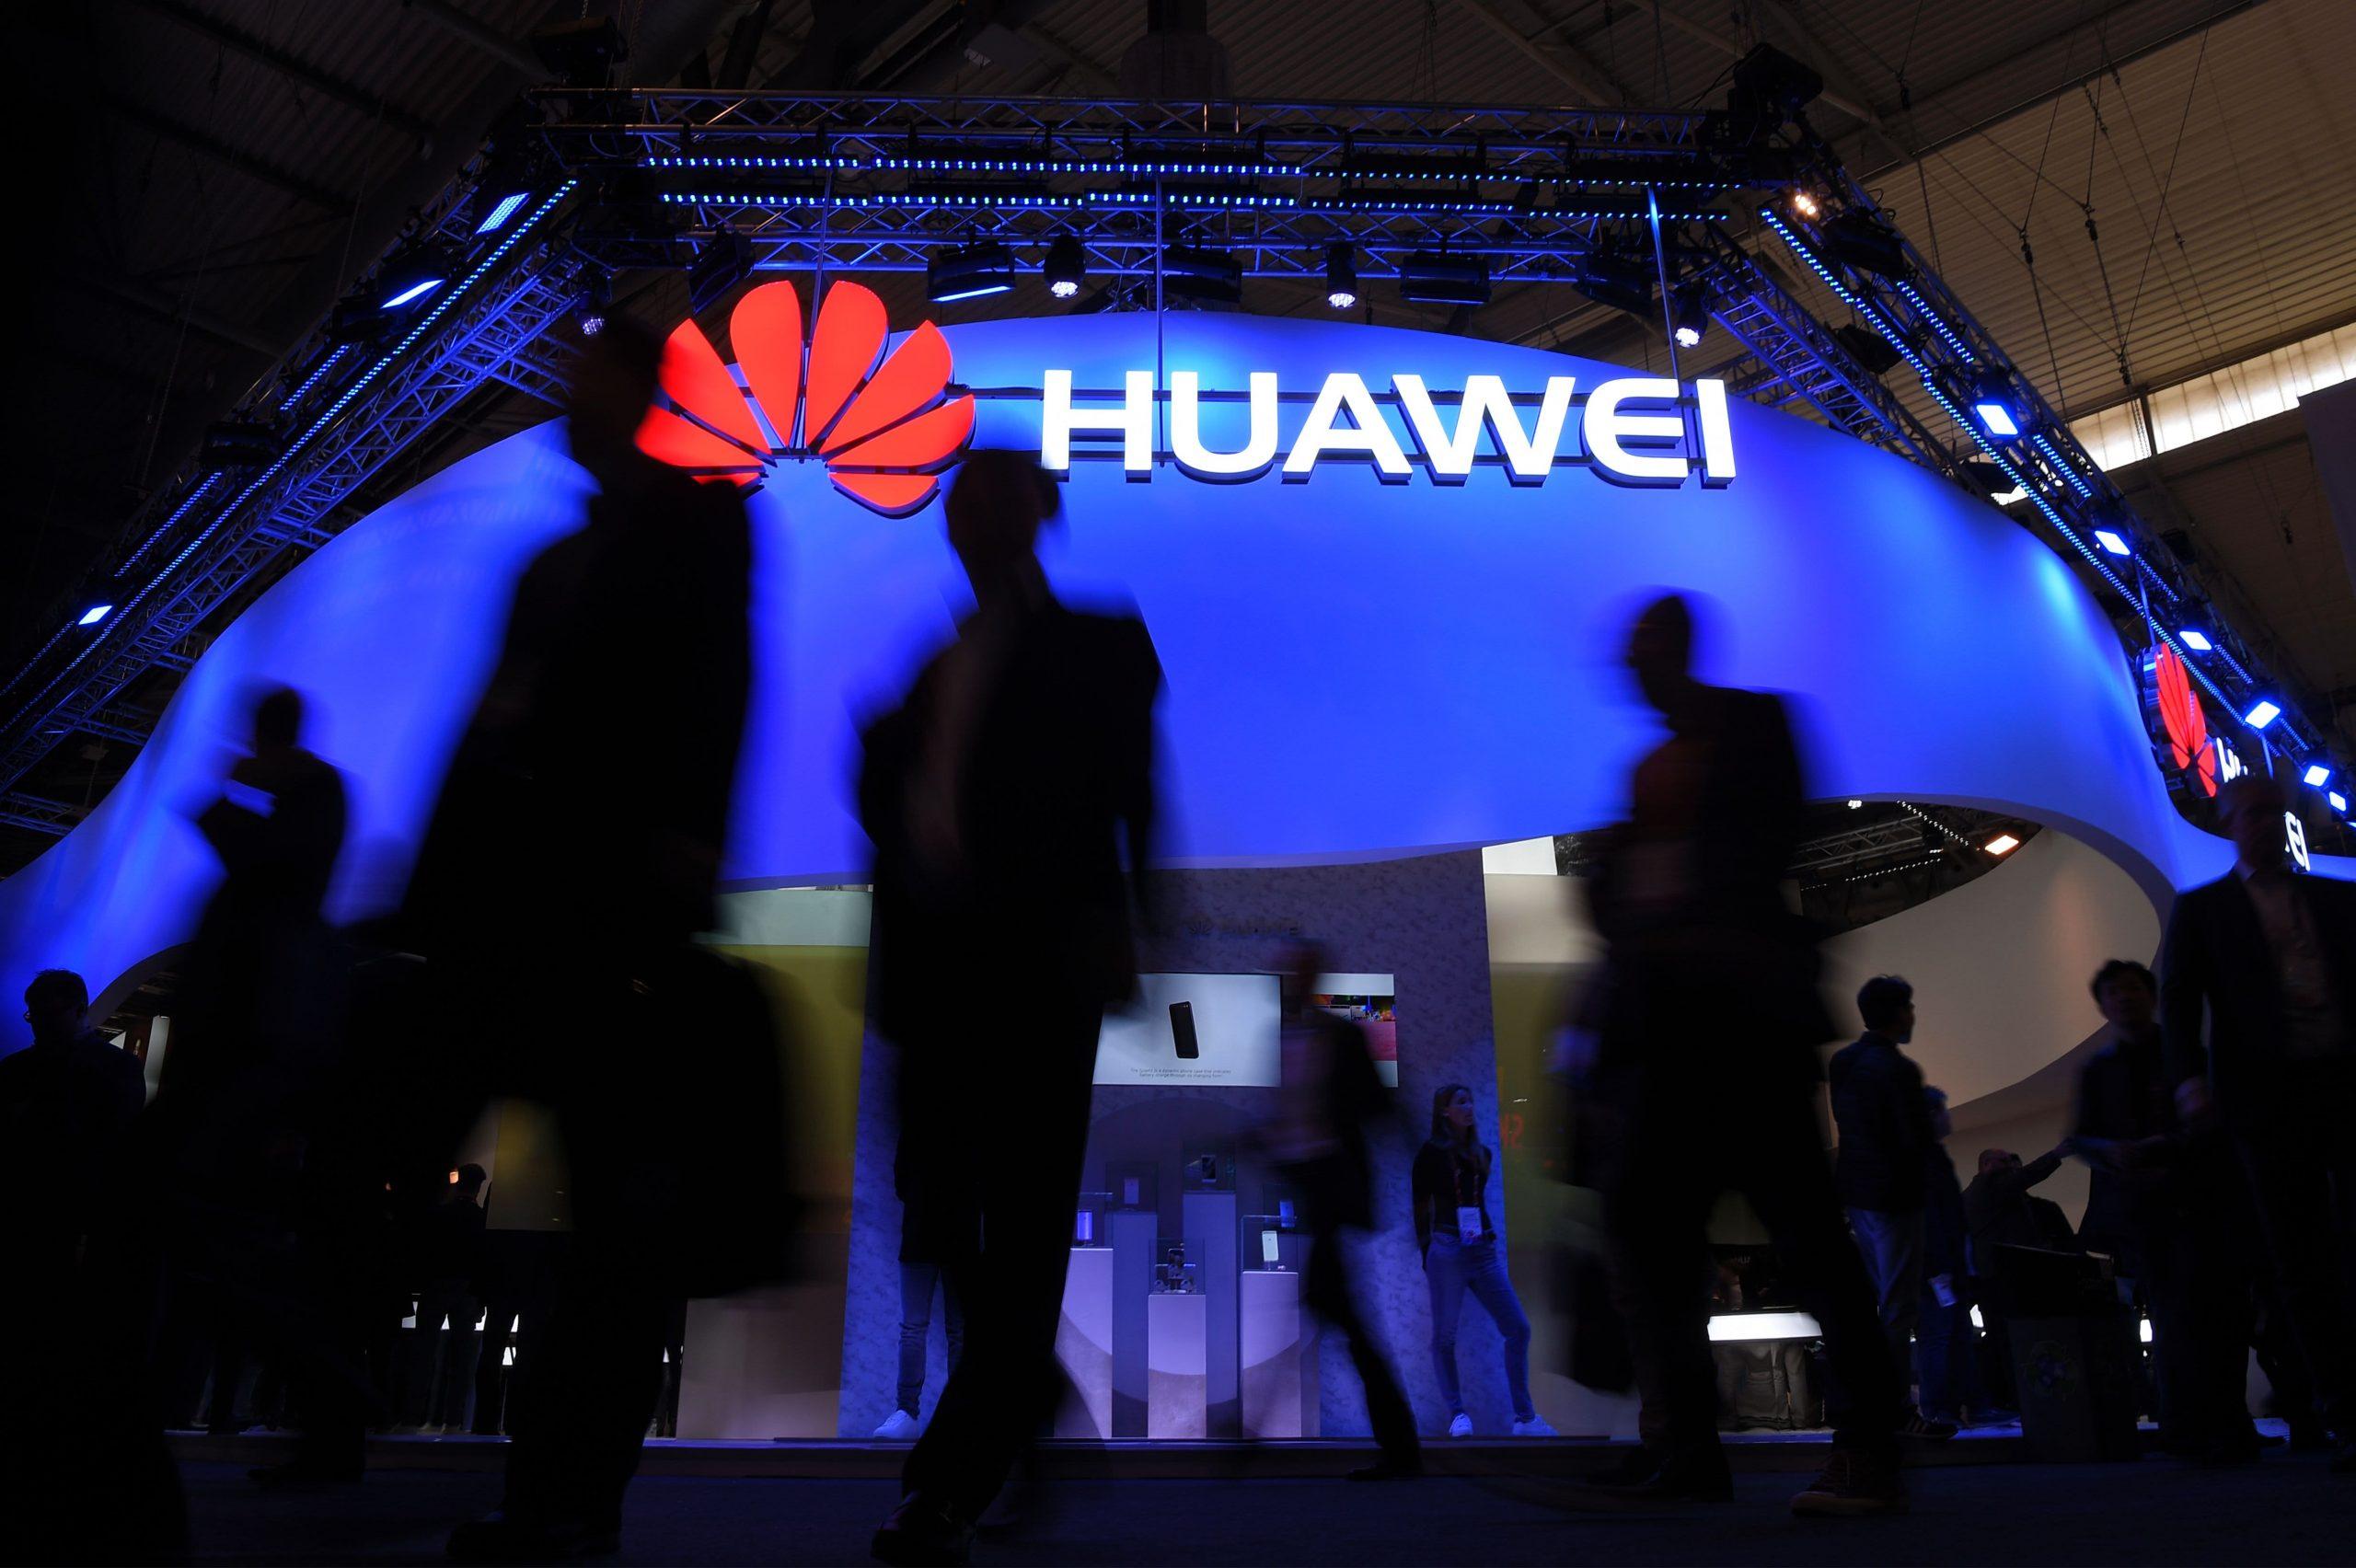 Artículo de opinión: Biden debe seguir con la campaña de máxima presión de Huawei